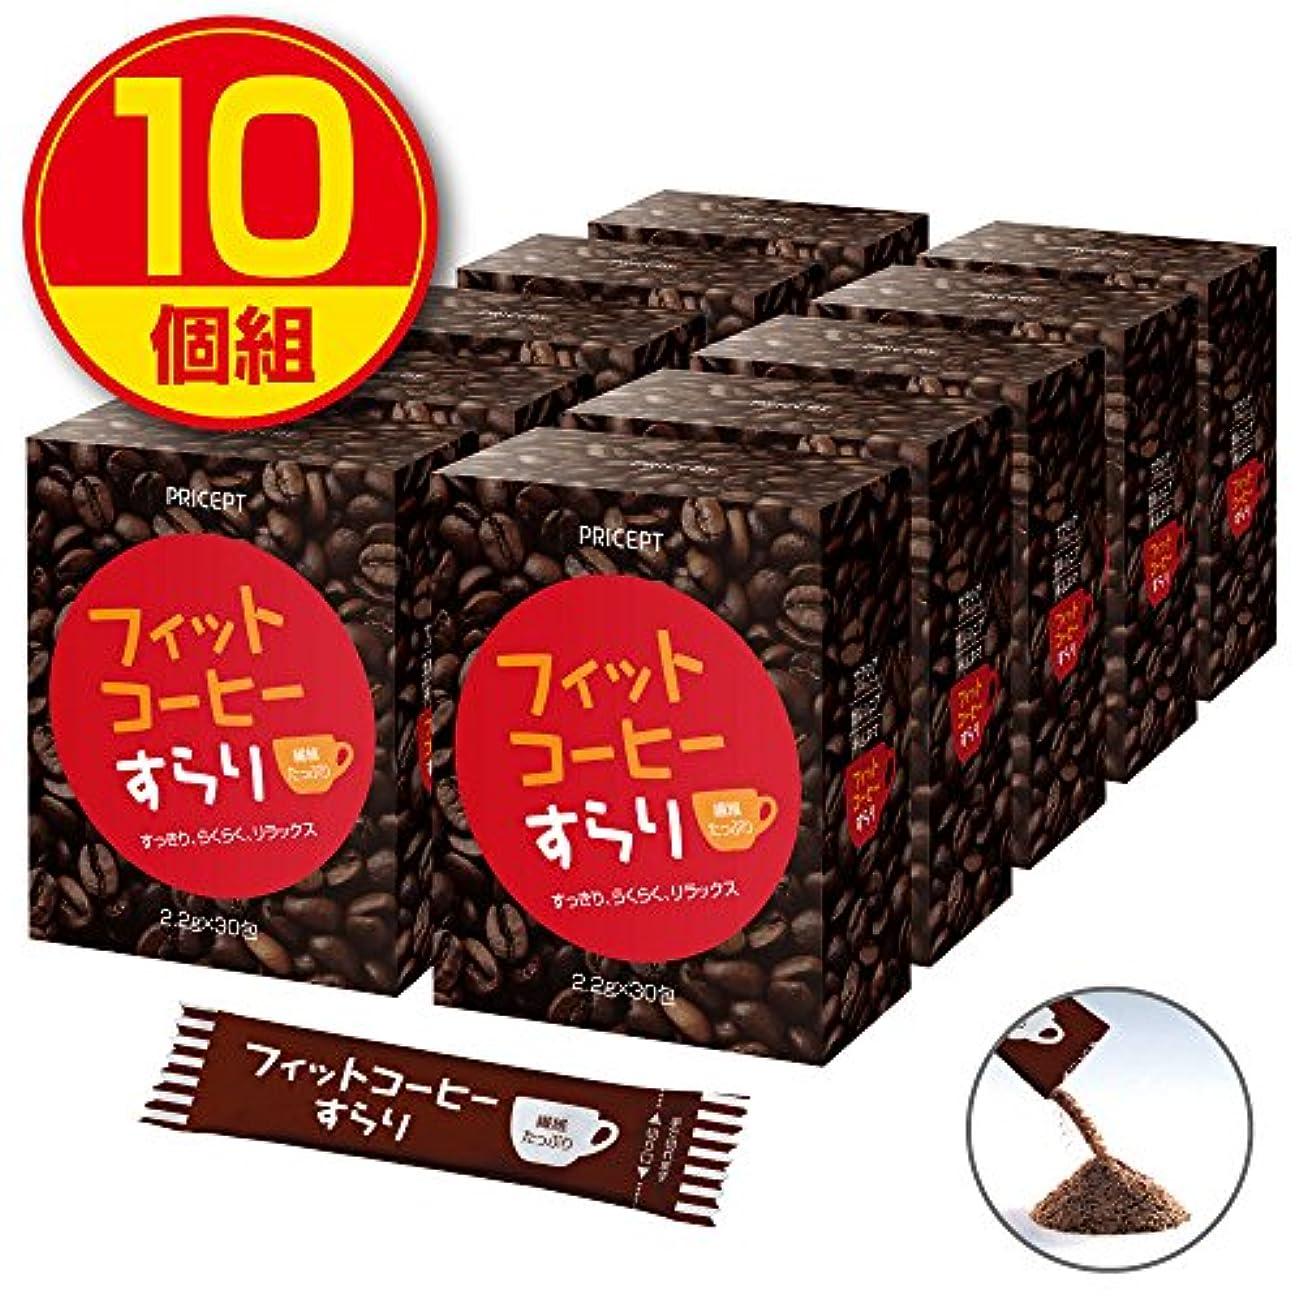 権限代わりの時刻表プリセプト フィットコーヒーすらり 30包【10個組(300包)】(ダイエットサポートコーヒー)